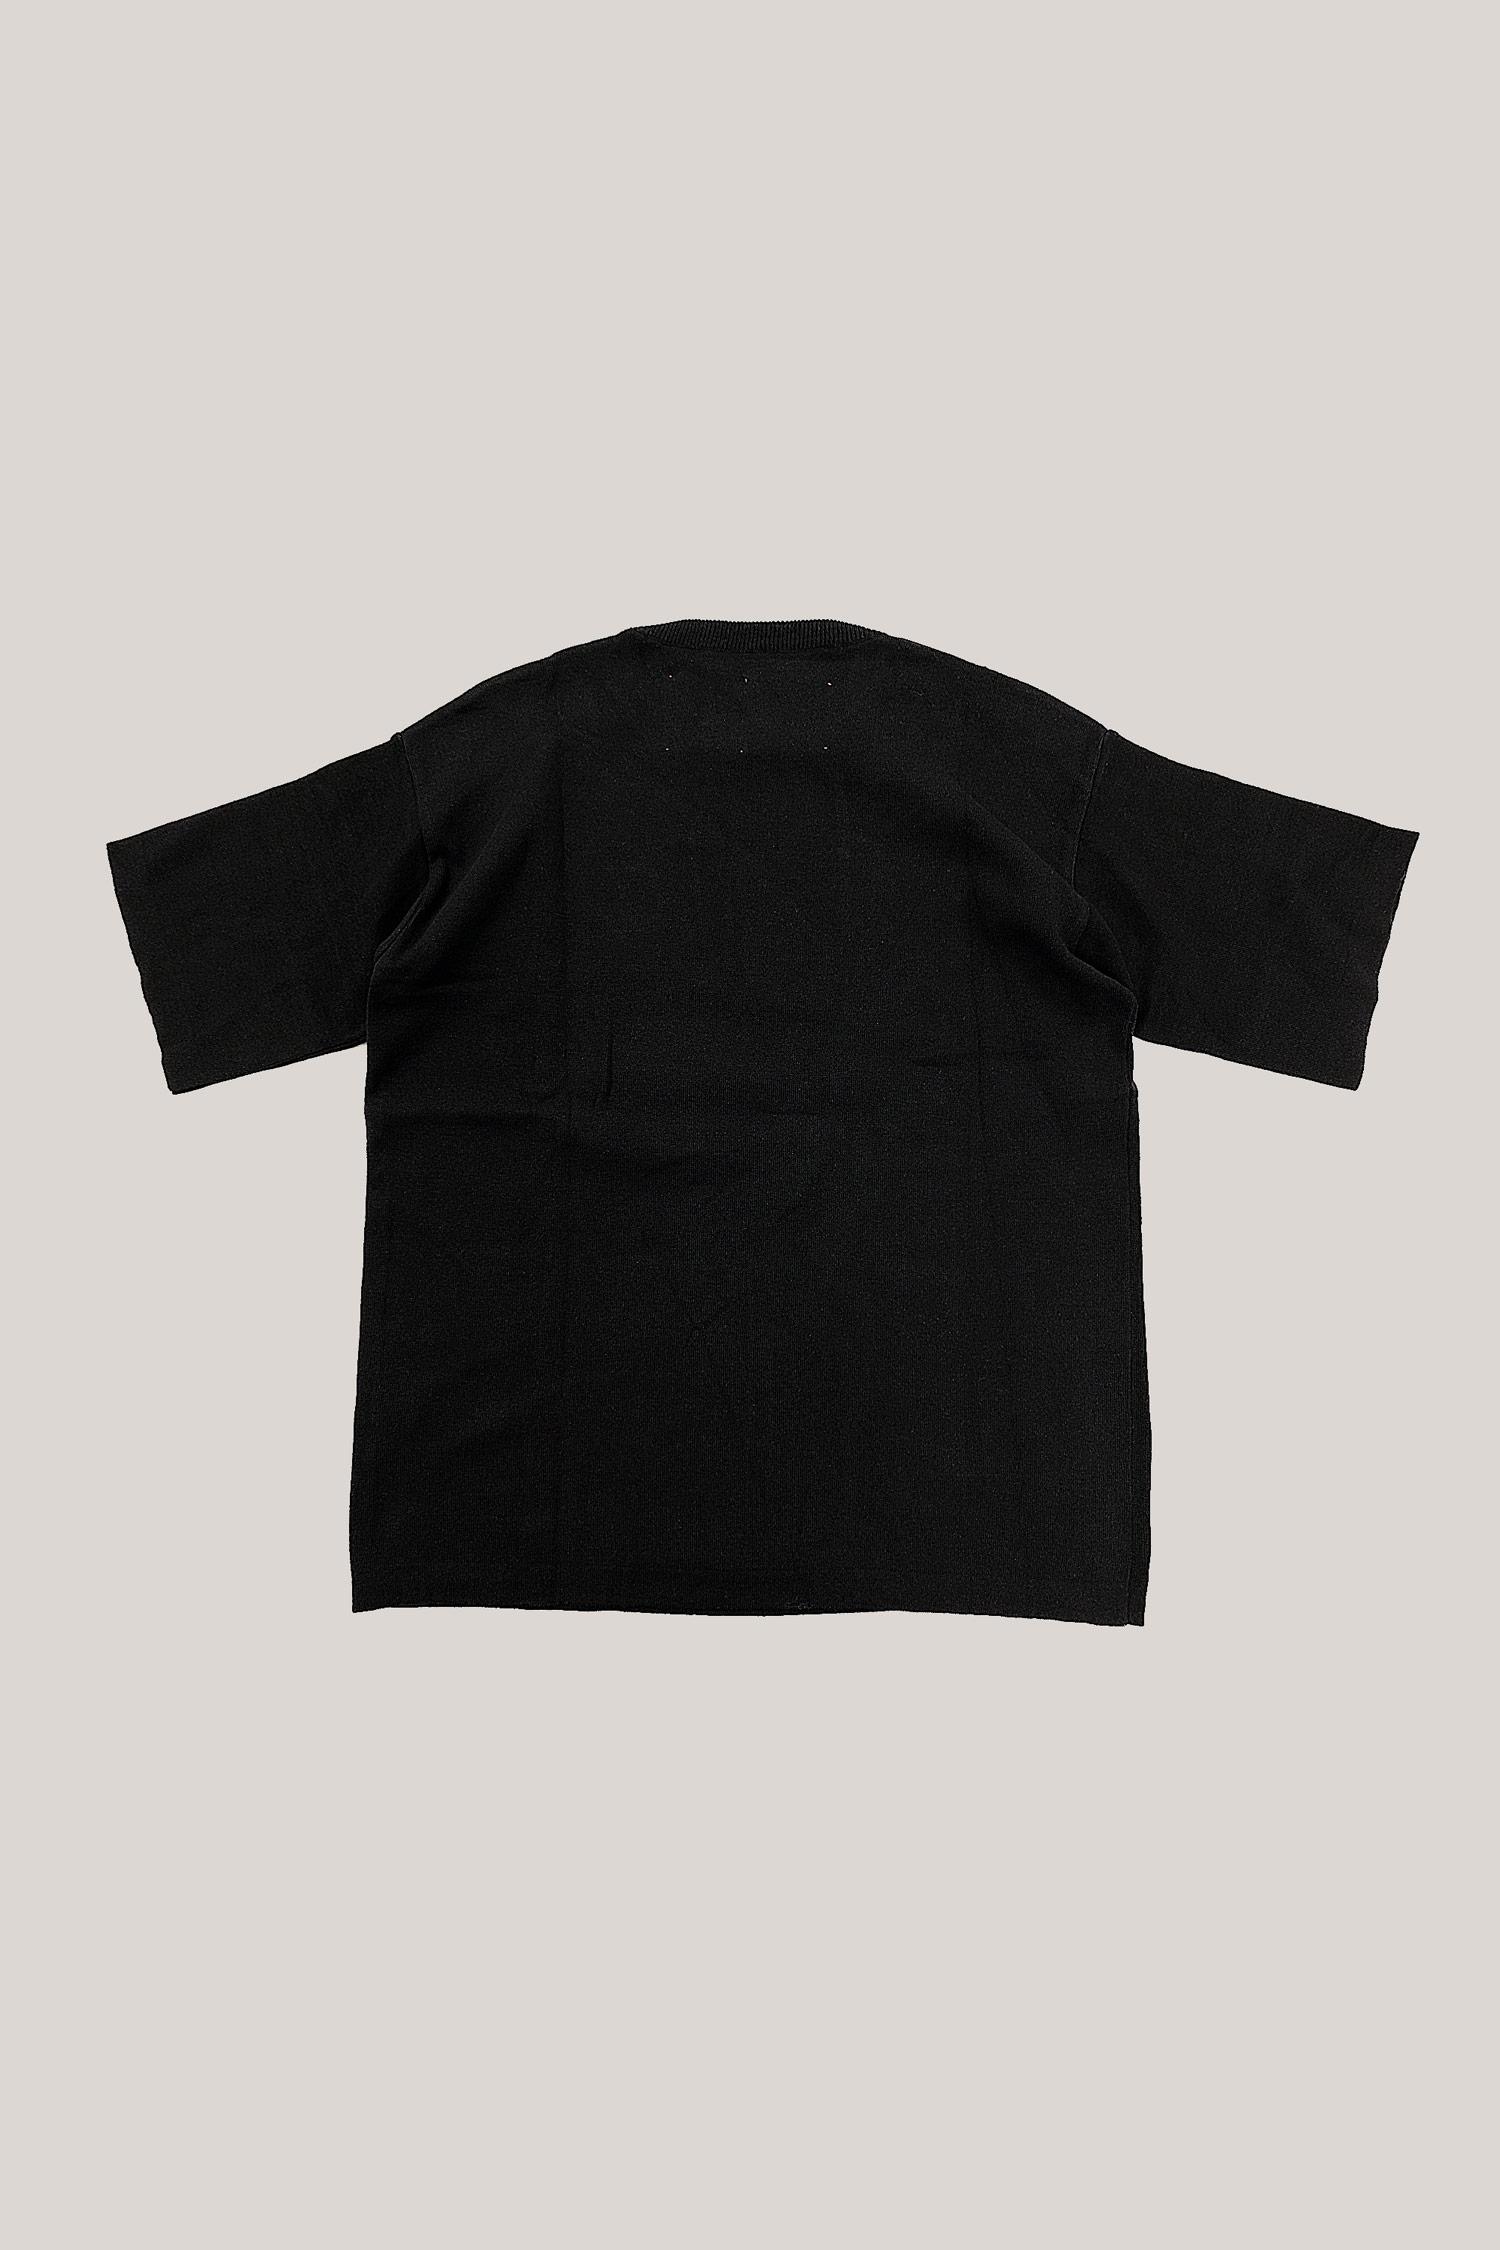 35-Knitted-tshirt-black-2